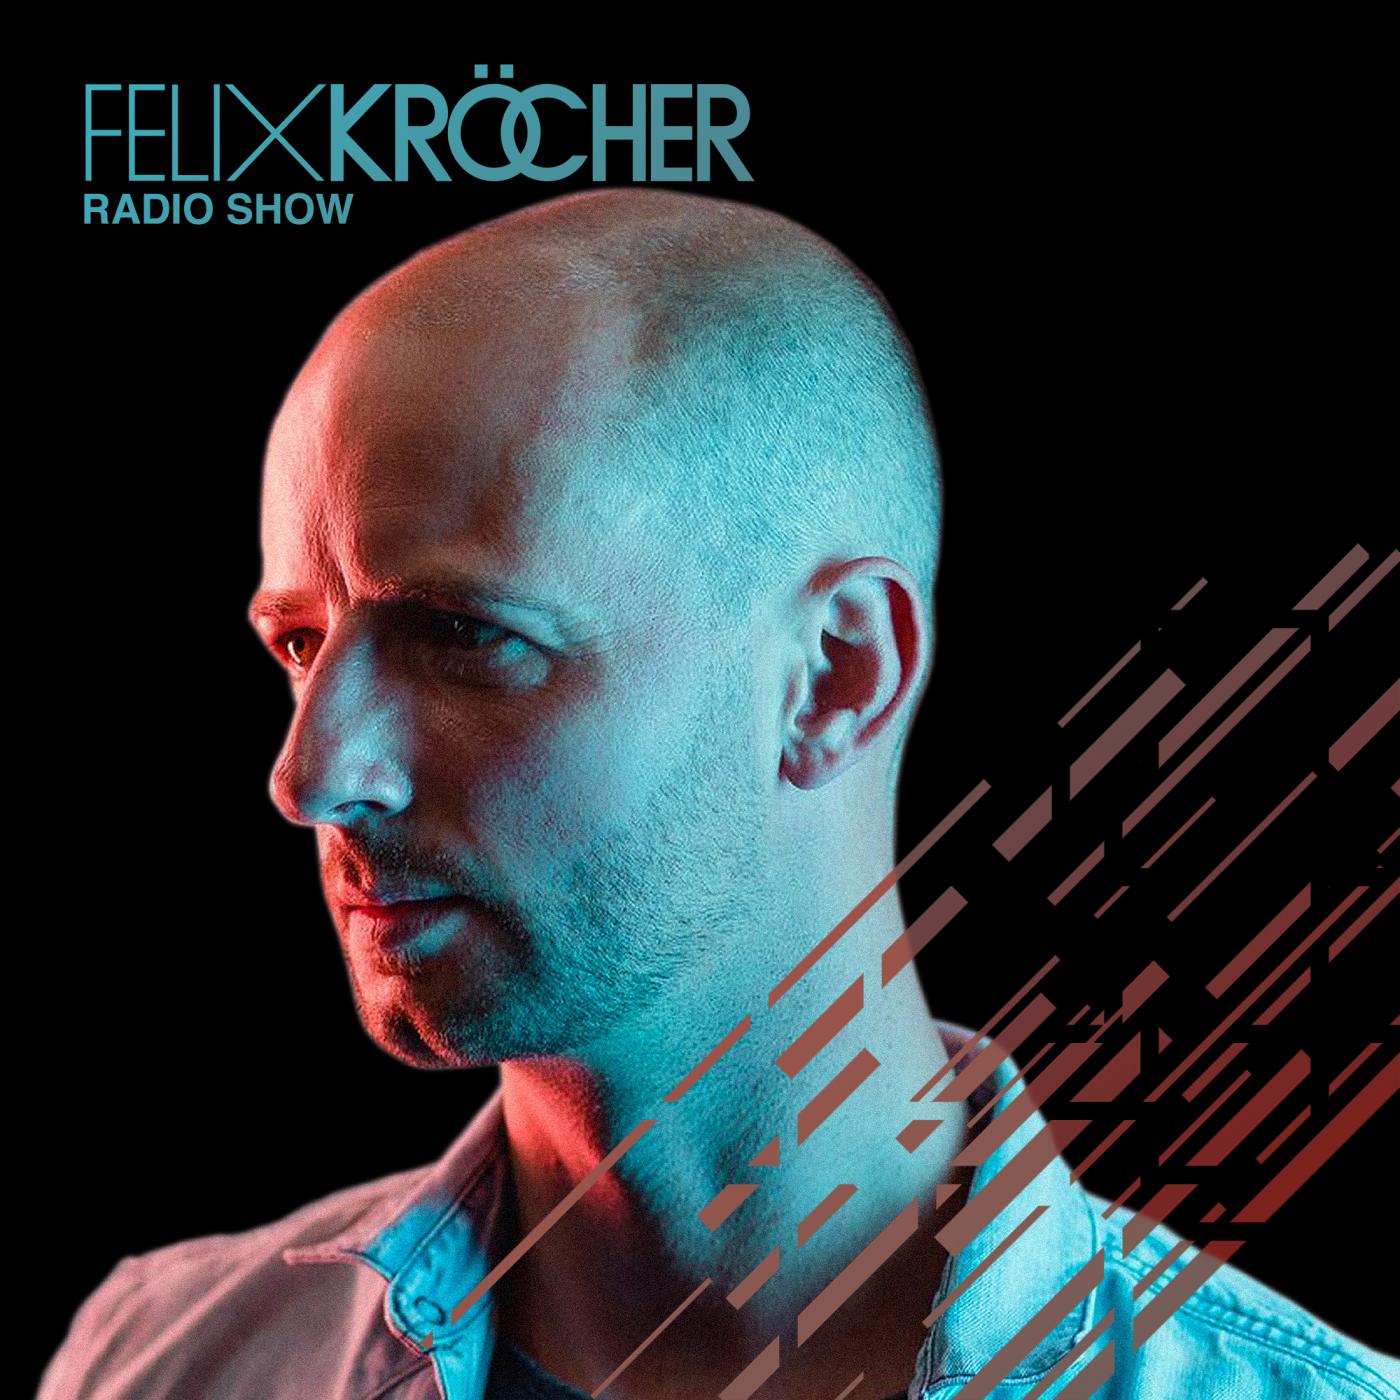 Felix Kröcher Radioshow by Felix Kröcher